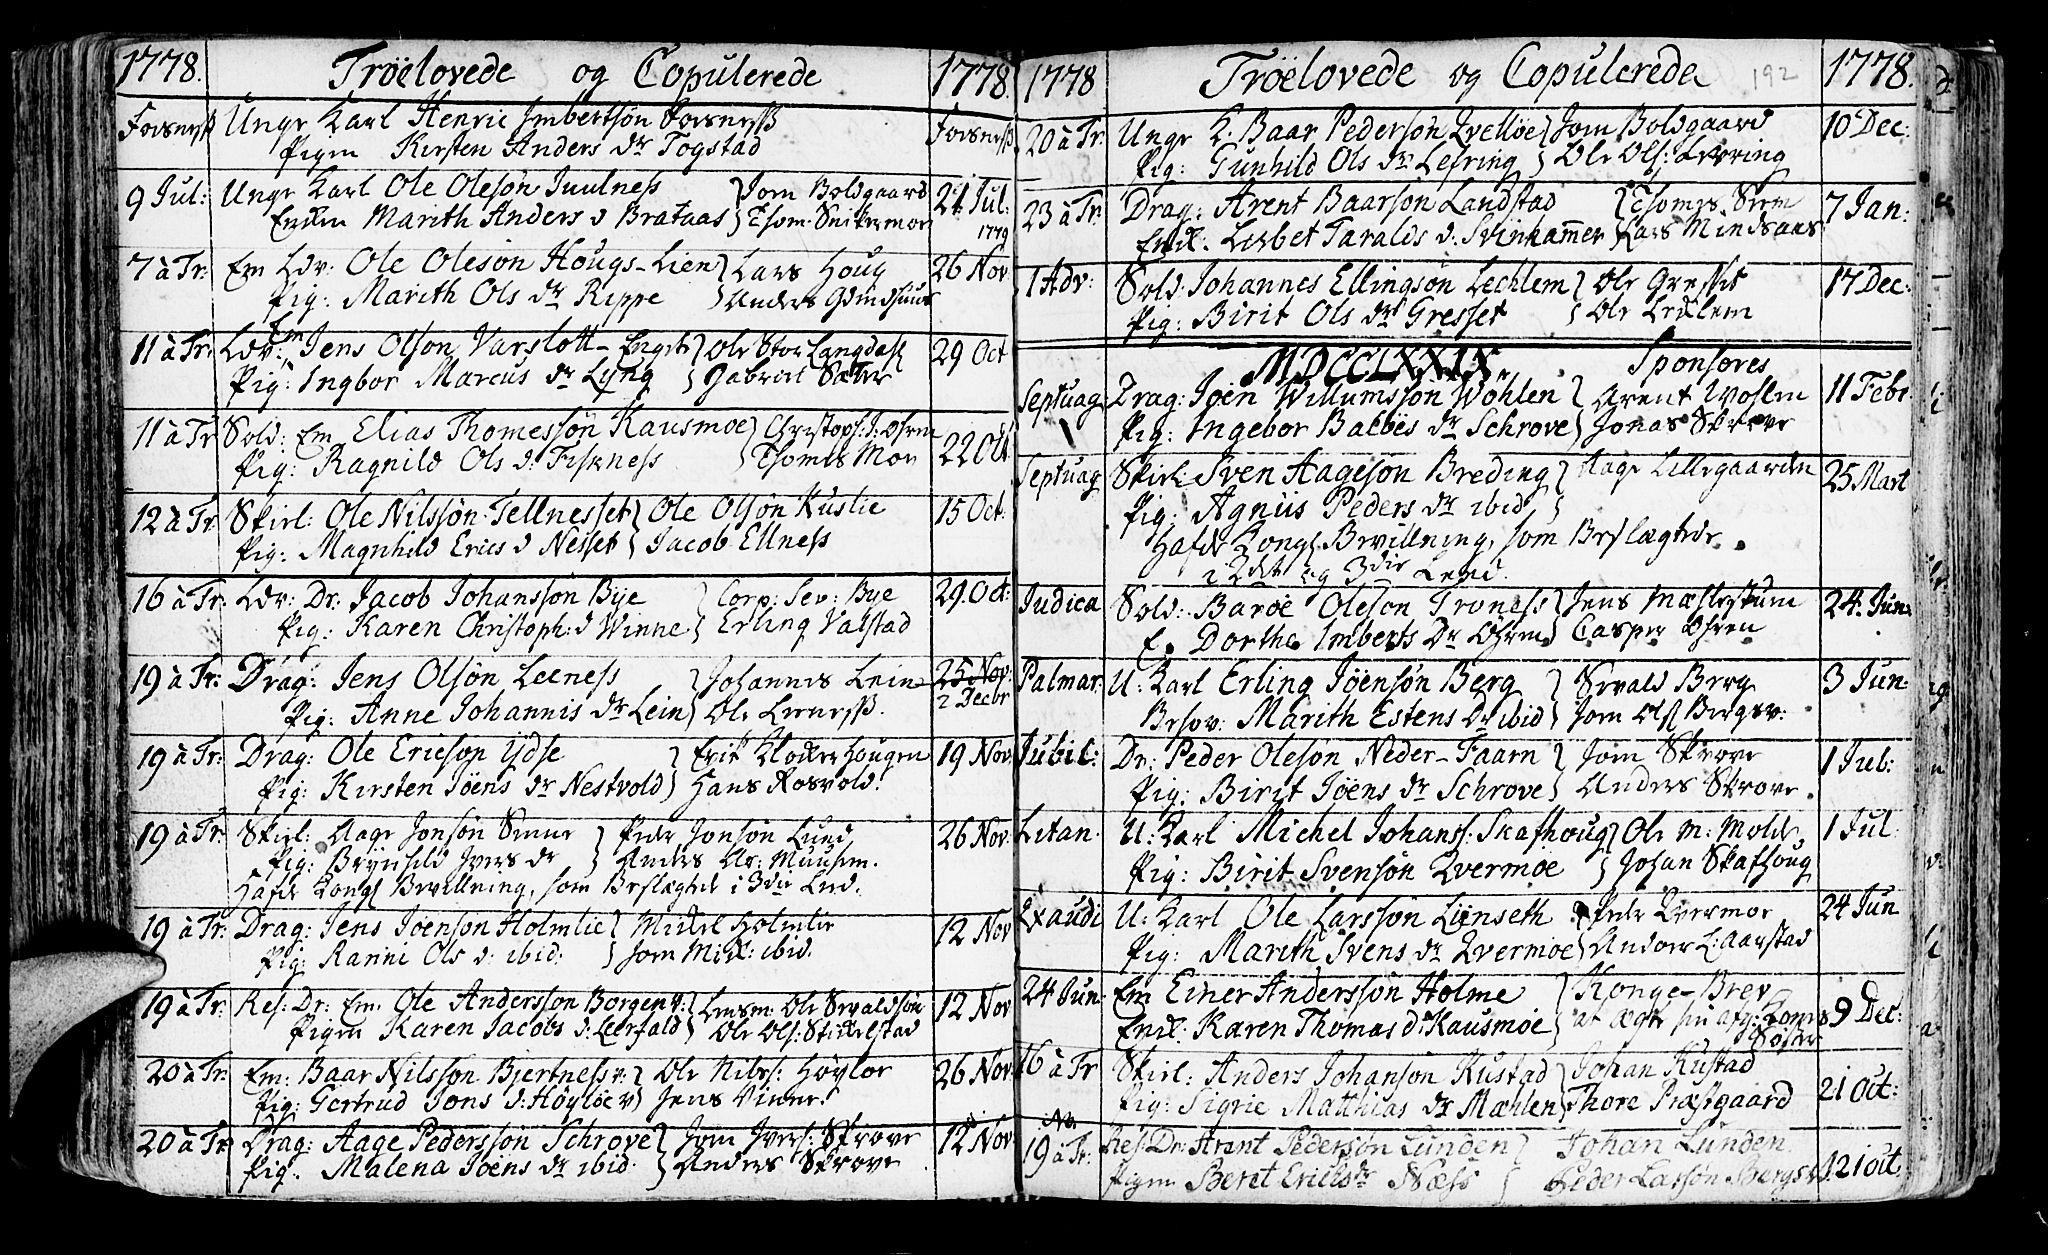 SAT, Ministerialprotokoller, klokkerbøker og fødselsregistre - Nord-Trøndelag, 723/L0231: Ministerialbok nr. 723A02, 1748-1780, s. 192